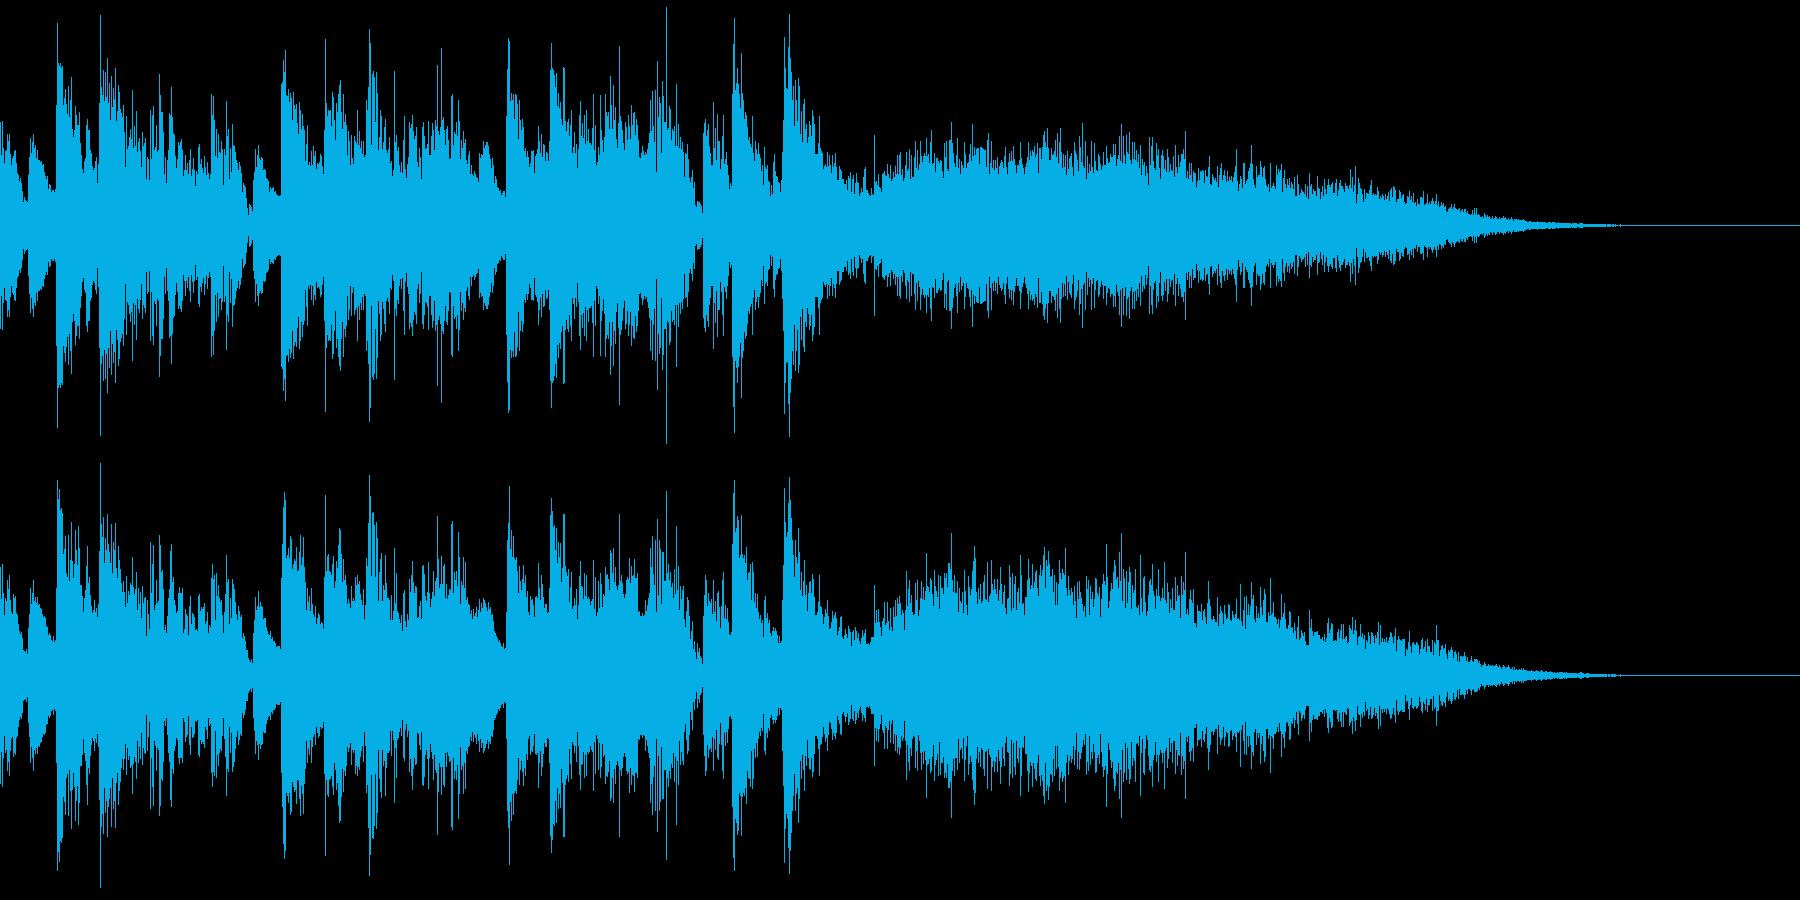 街の音シリーズ 歓声と拍手 音楽付きの再生済みの波形